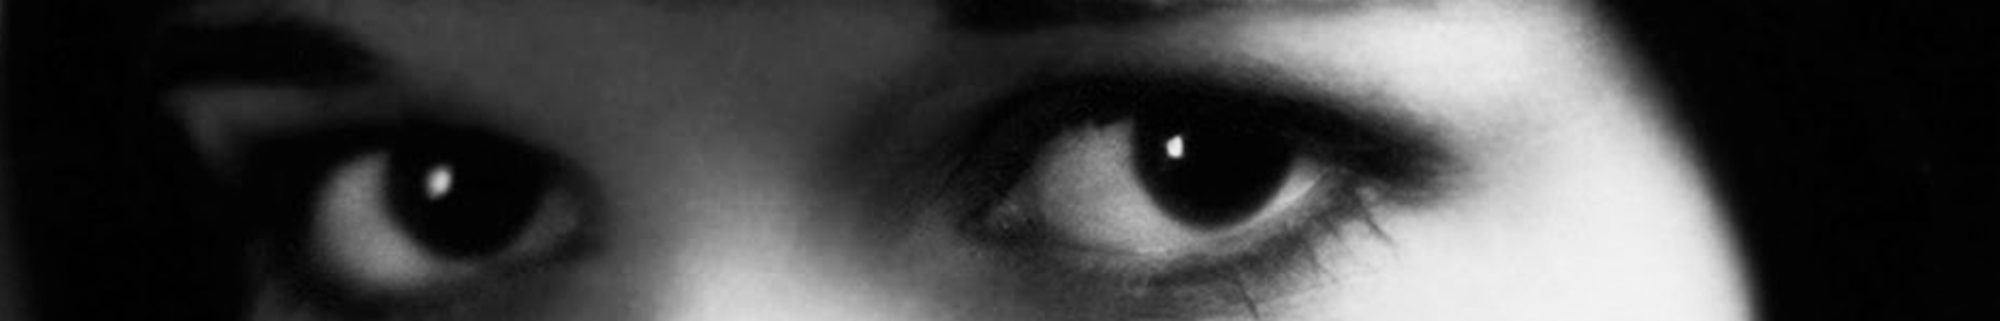 Garden of Silence – Storie e visioni del cinema muto Ⓒ